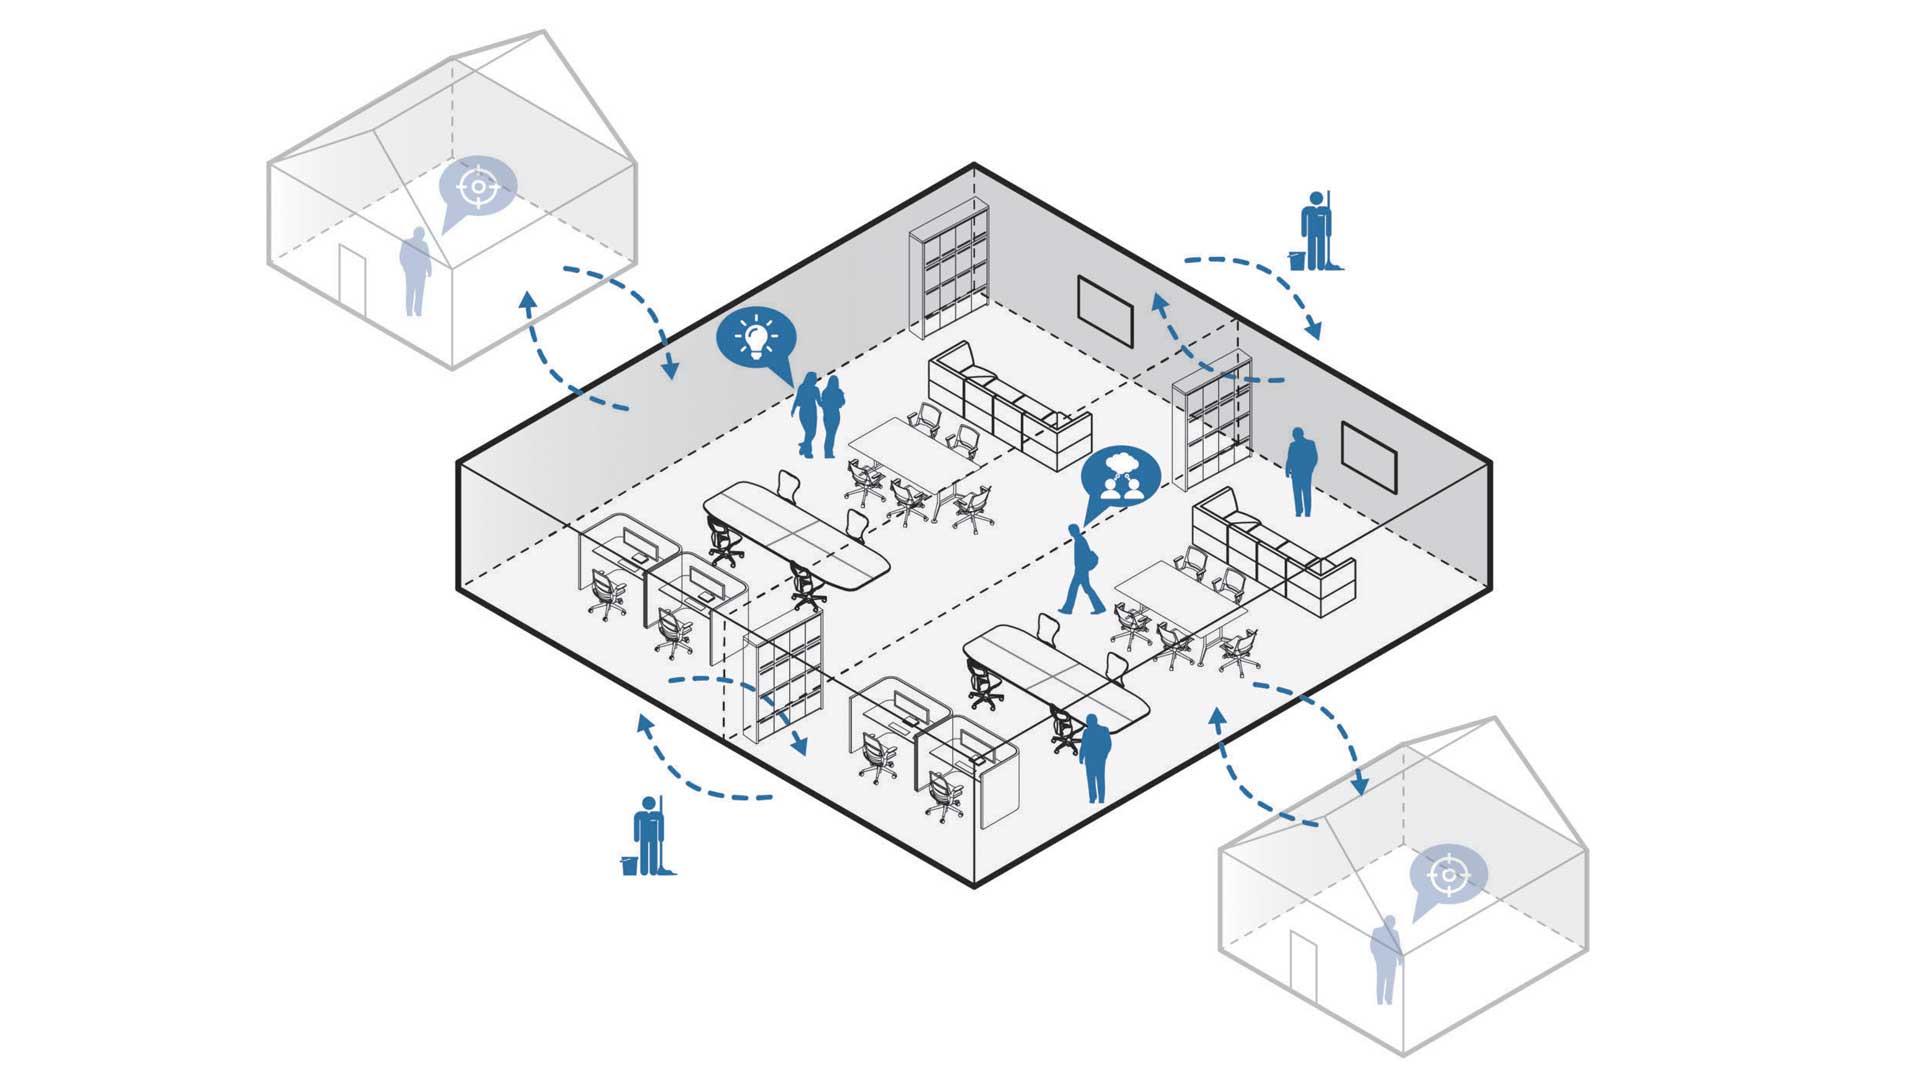 ufficio-del-futuro-4-modelli-In-&-out-Level-Office-Landscape